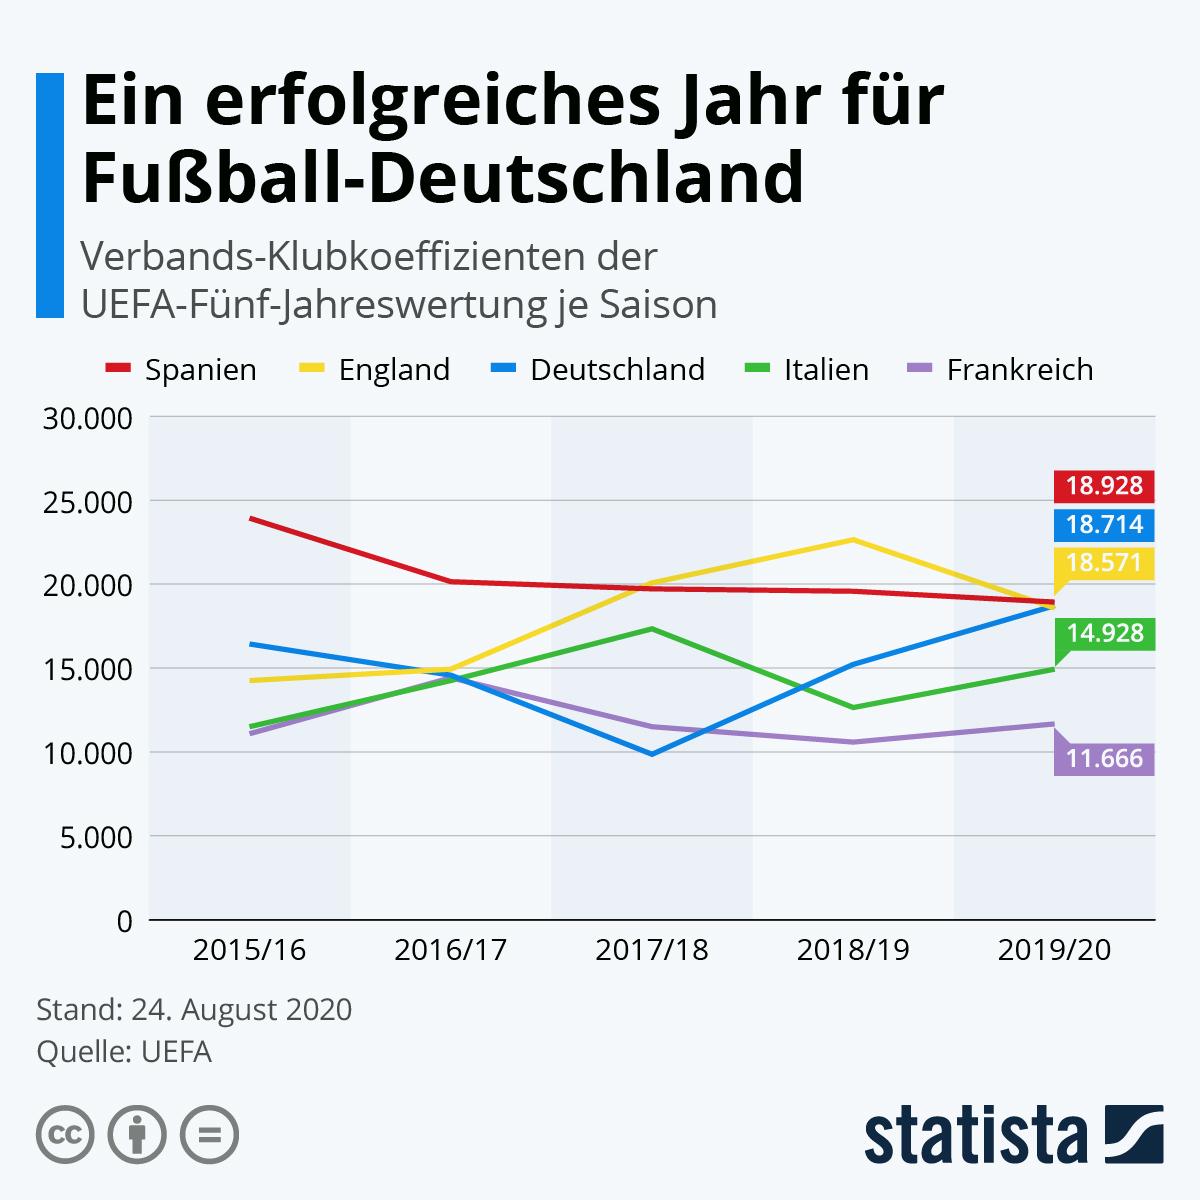 Infografik: Ein erfolgreiches Jahr für Fußball-Deutschland | Statista